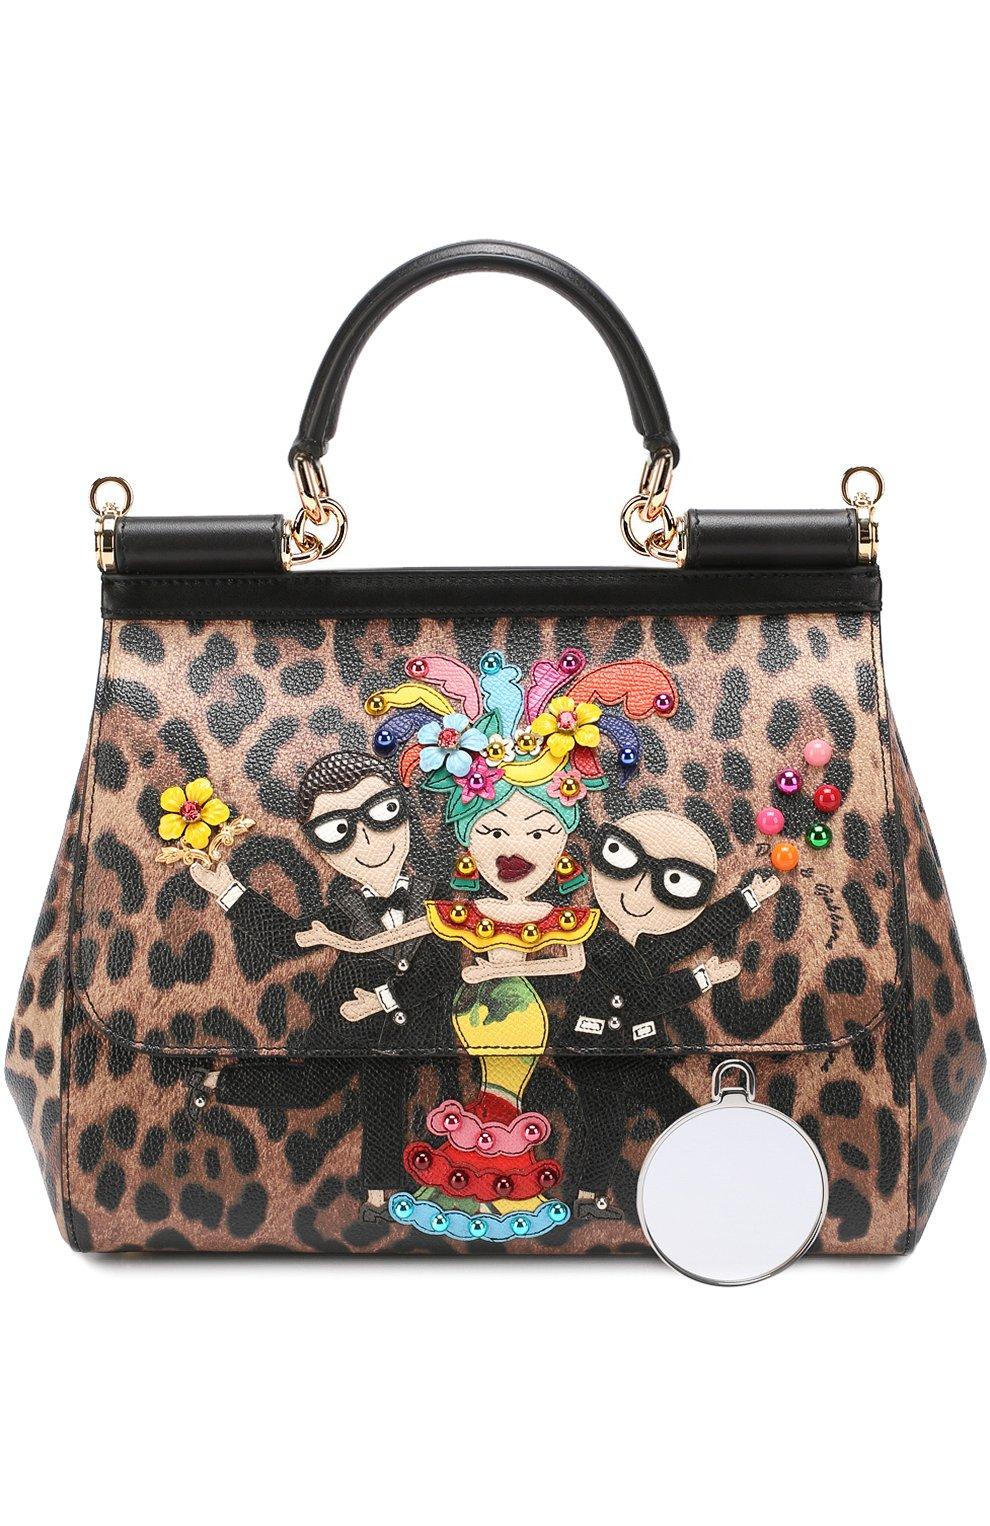 Сумка Sicily medium new с аппликацией DG Family Dolce & Gabbana леопардовая цвета | Фото №6